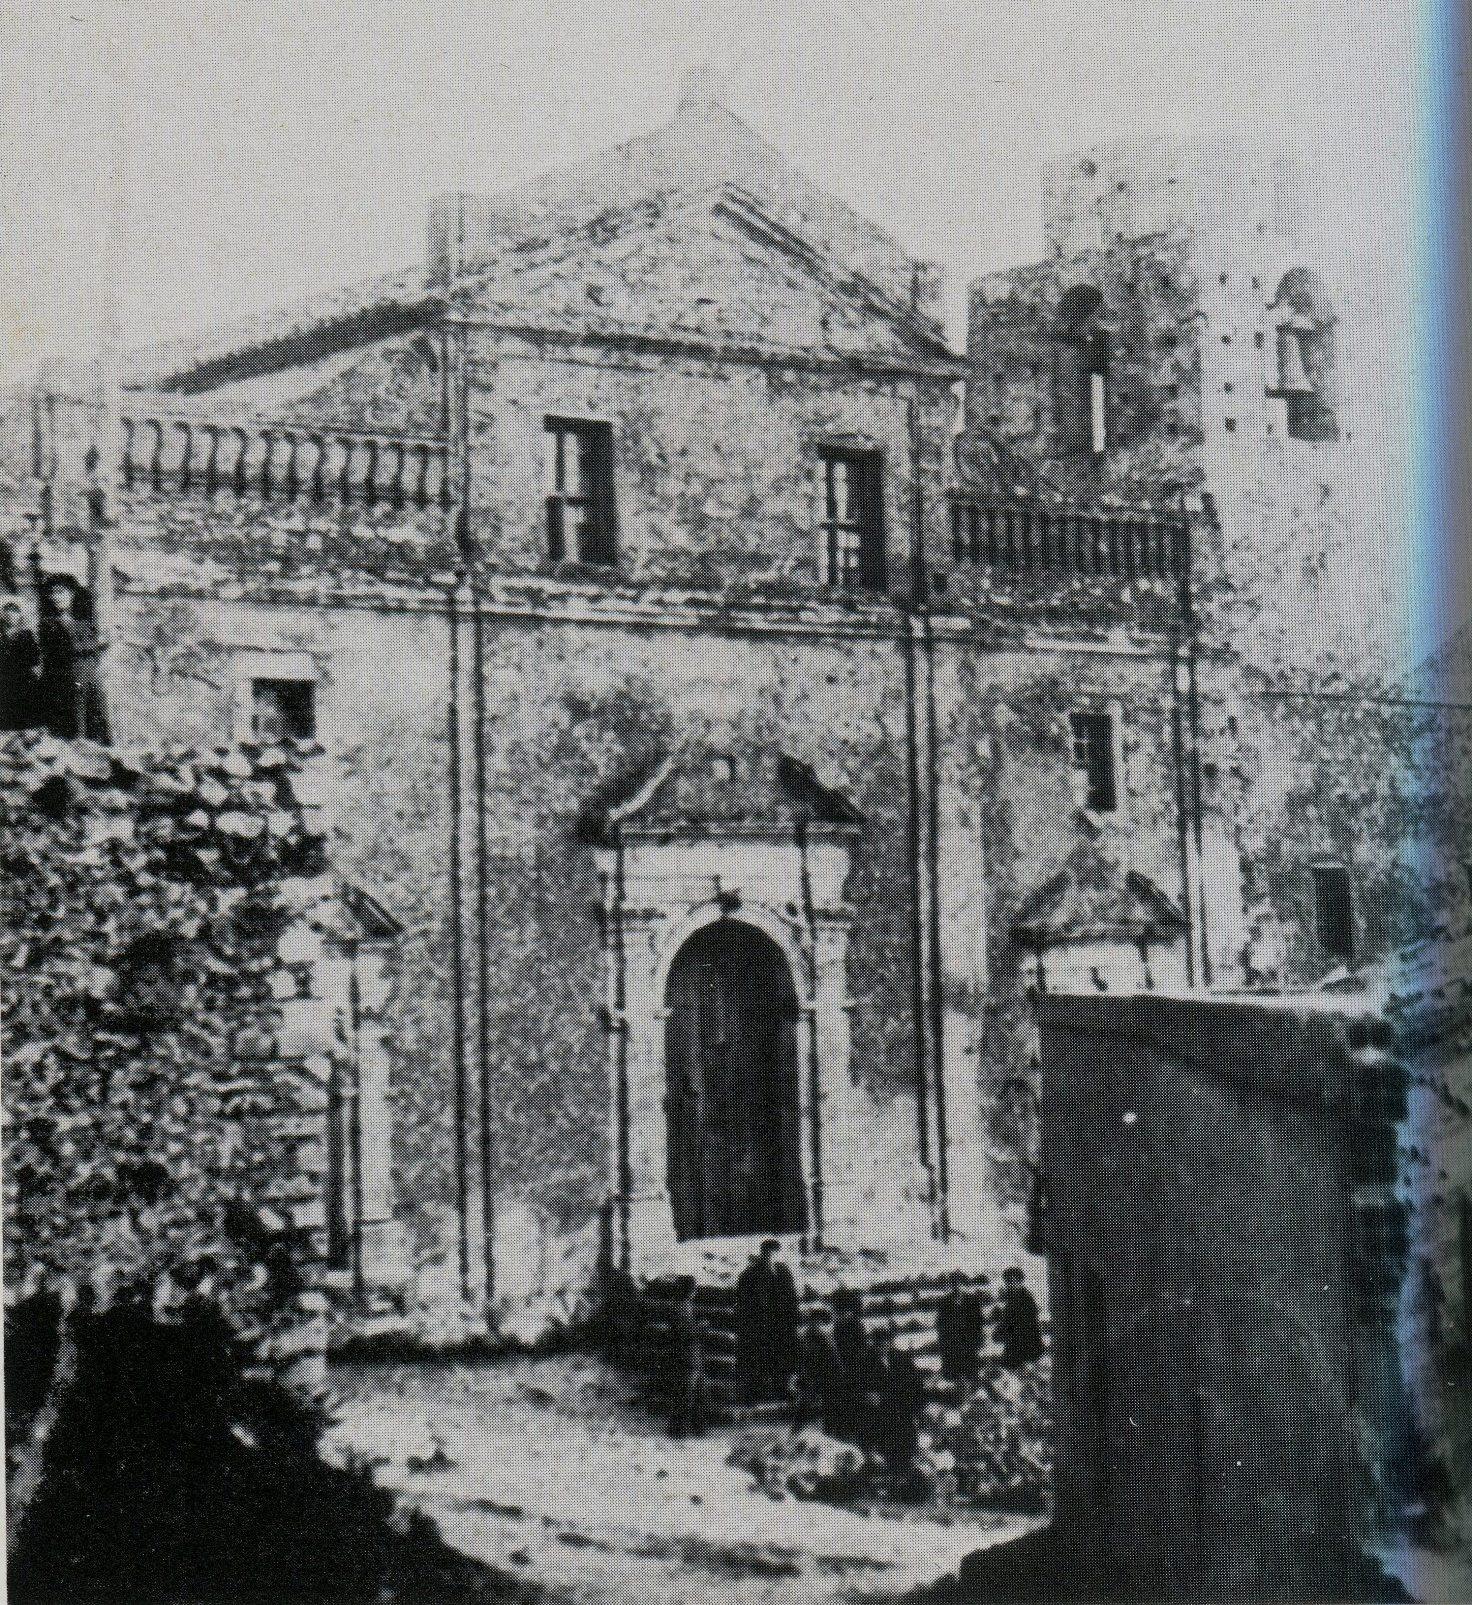 La cattedrale di Belcastro in un vecchia foto